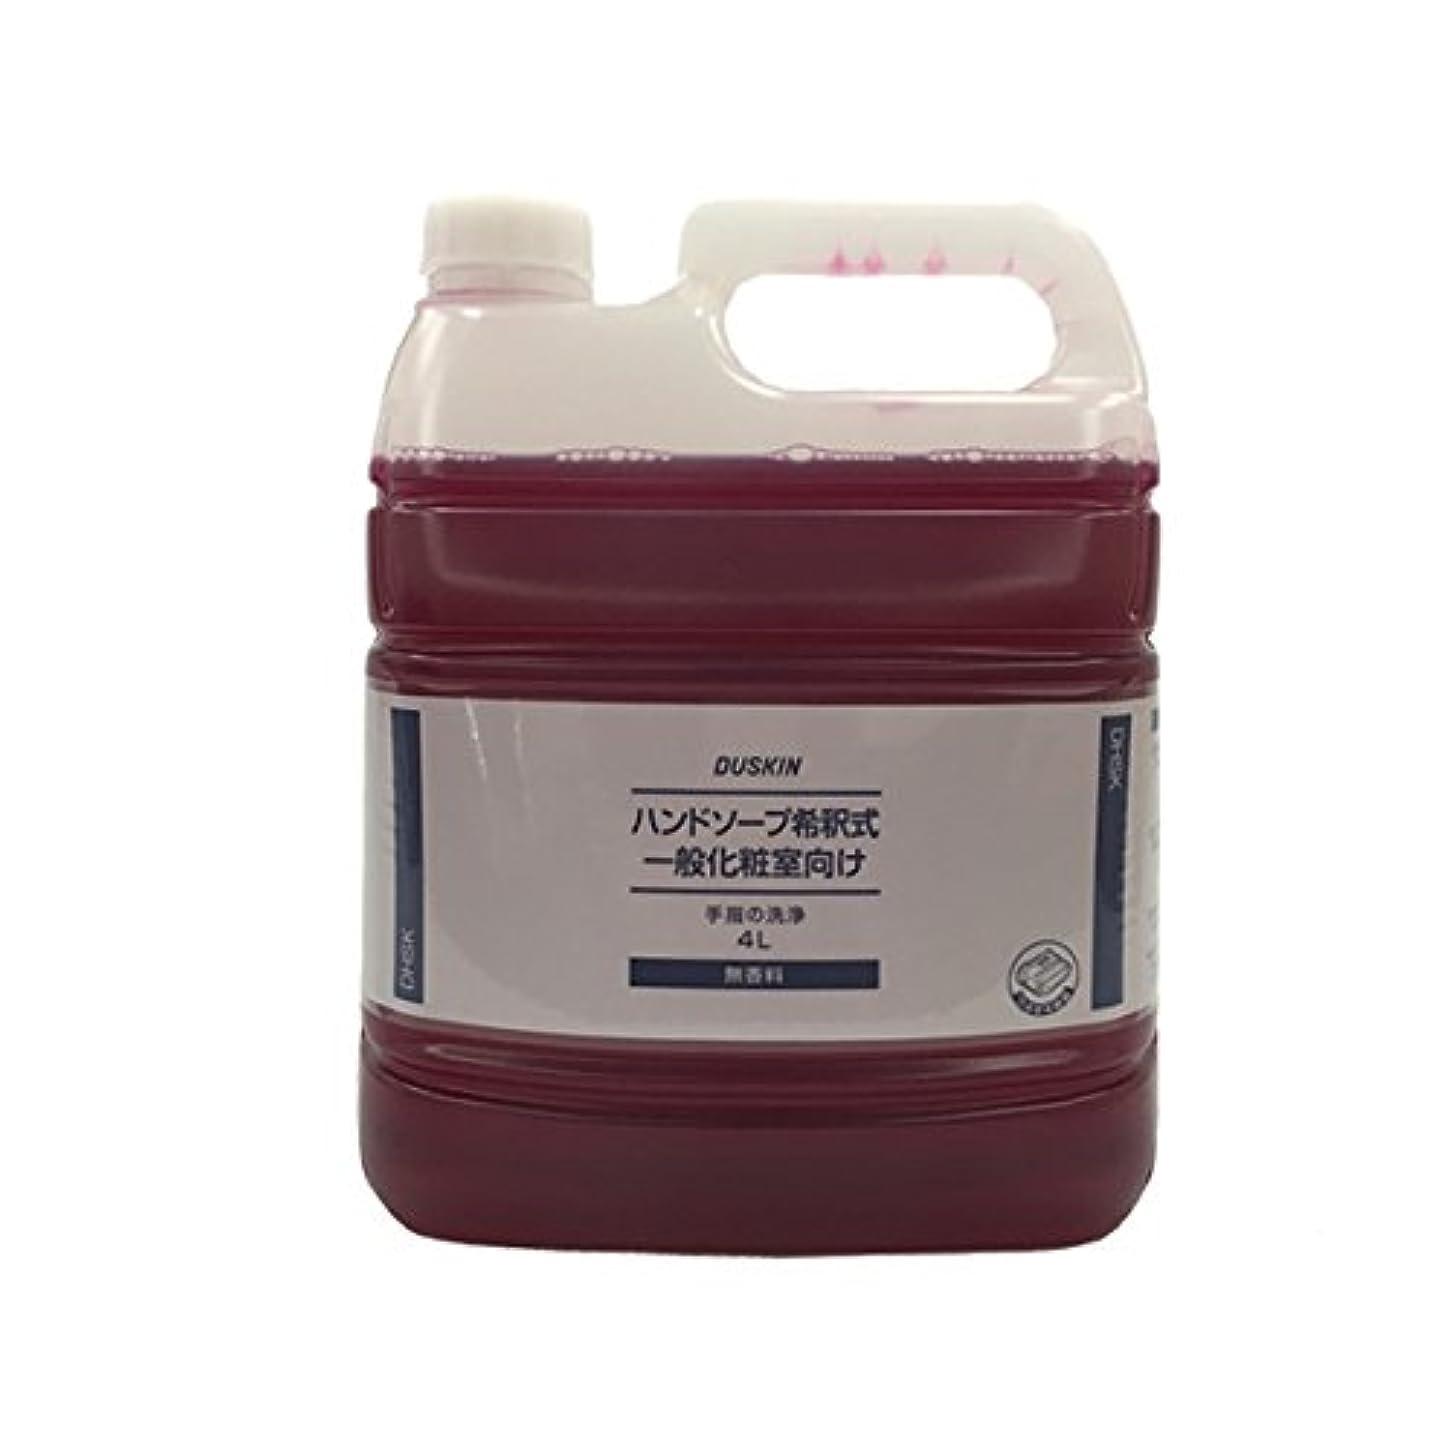 修理工チョークミシンダスキン ハンドソープ 希釈式 一般化粧室向け 4L 無香料 プッシュポンプ別売 専用ボトル ハンドスプレー別売